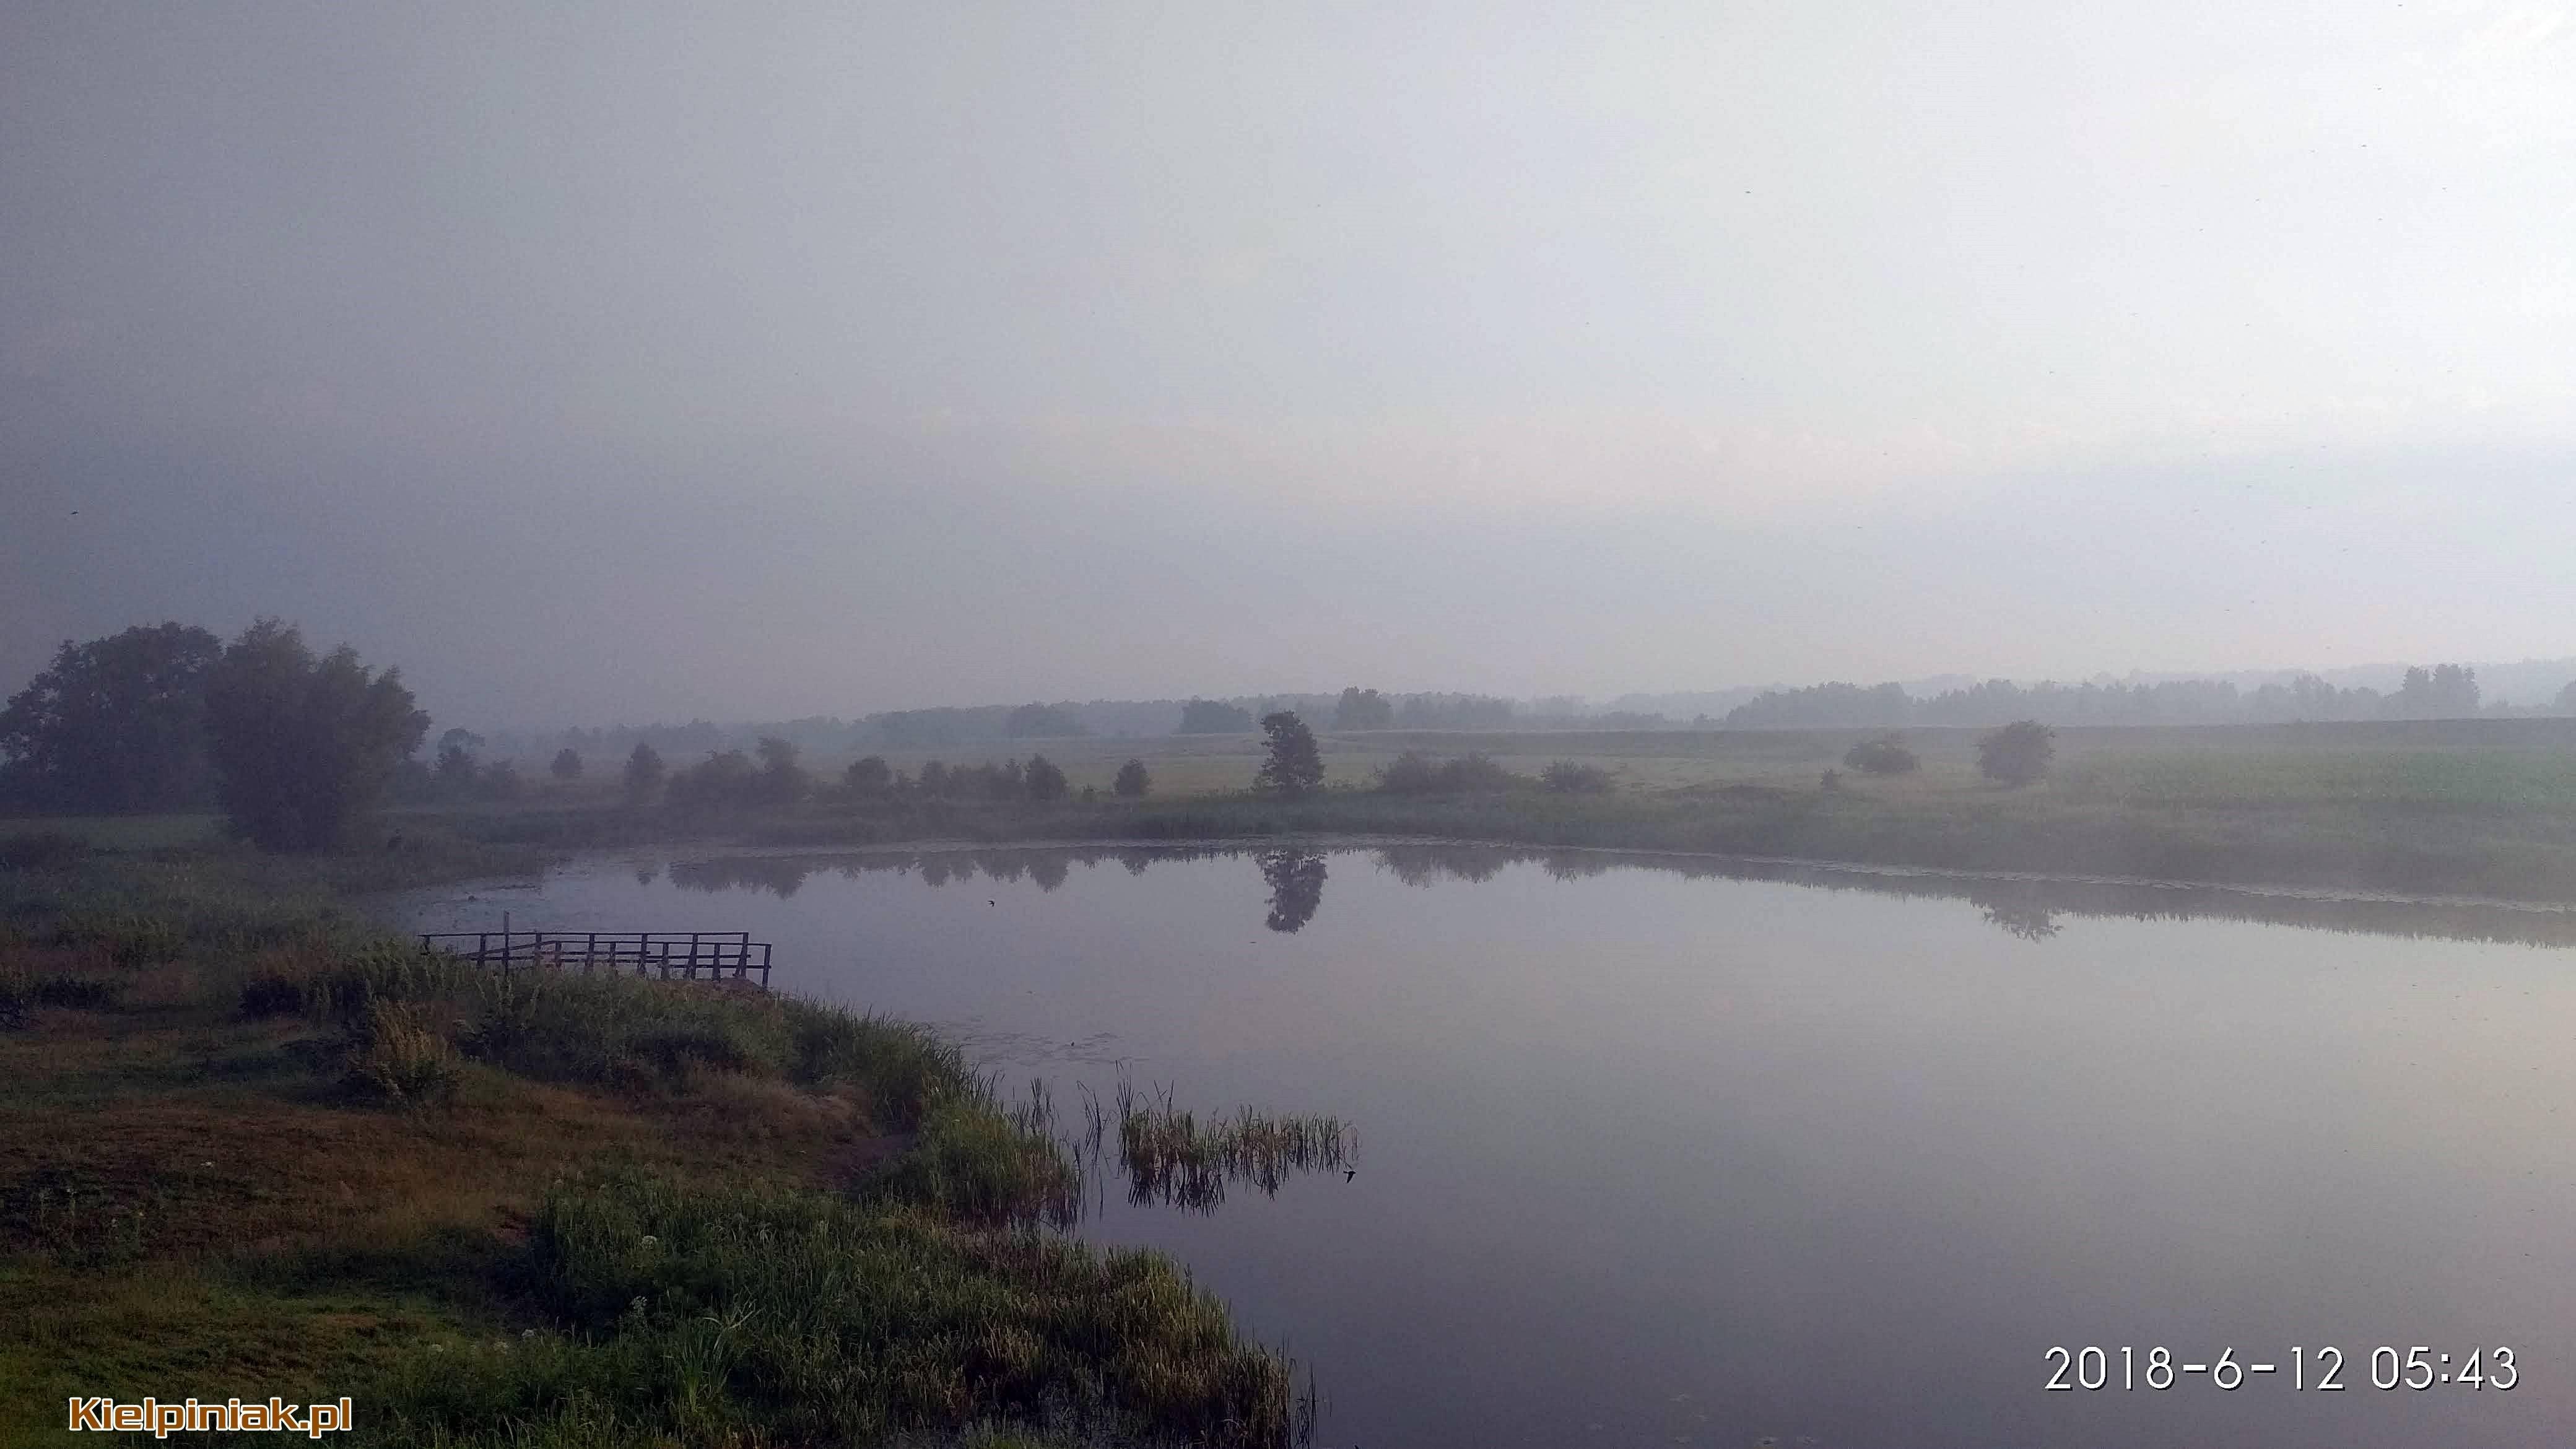 NPK, jezioro w Kiełpińcu, wschód słońca, mgła nad jeziorem 3